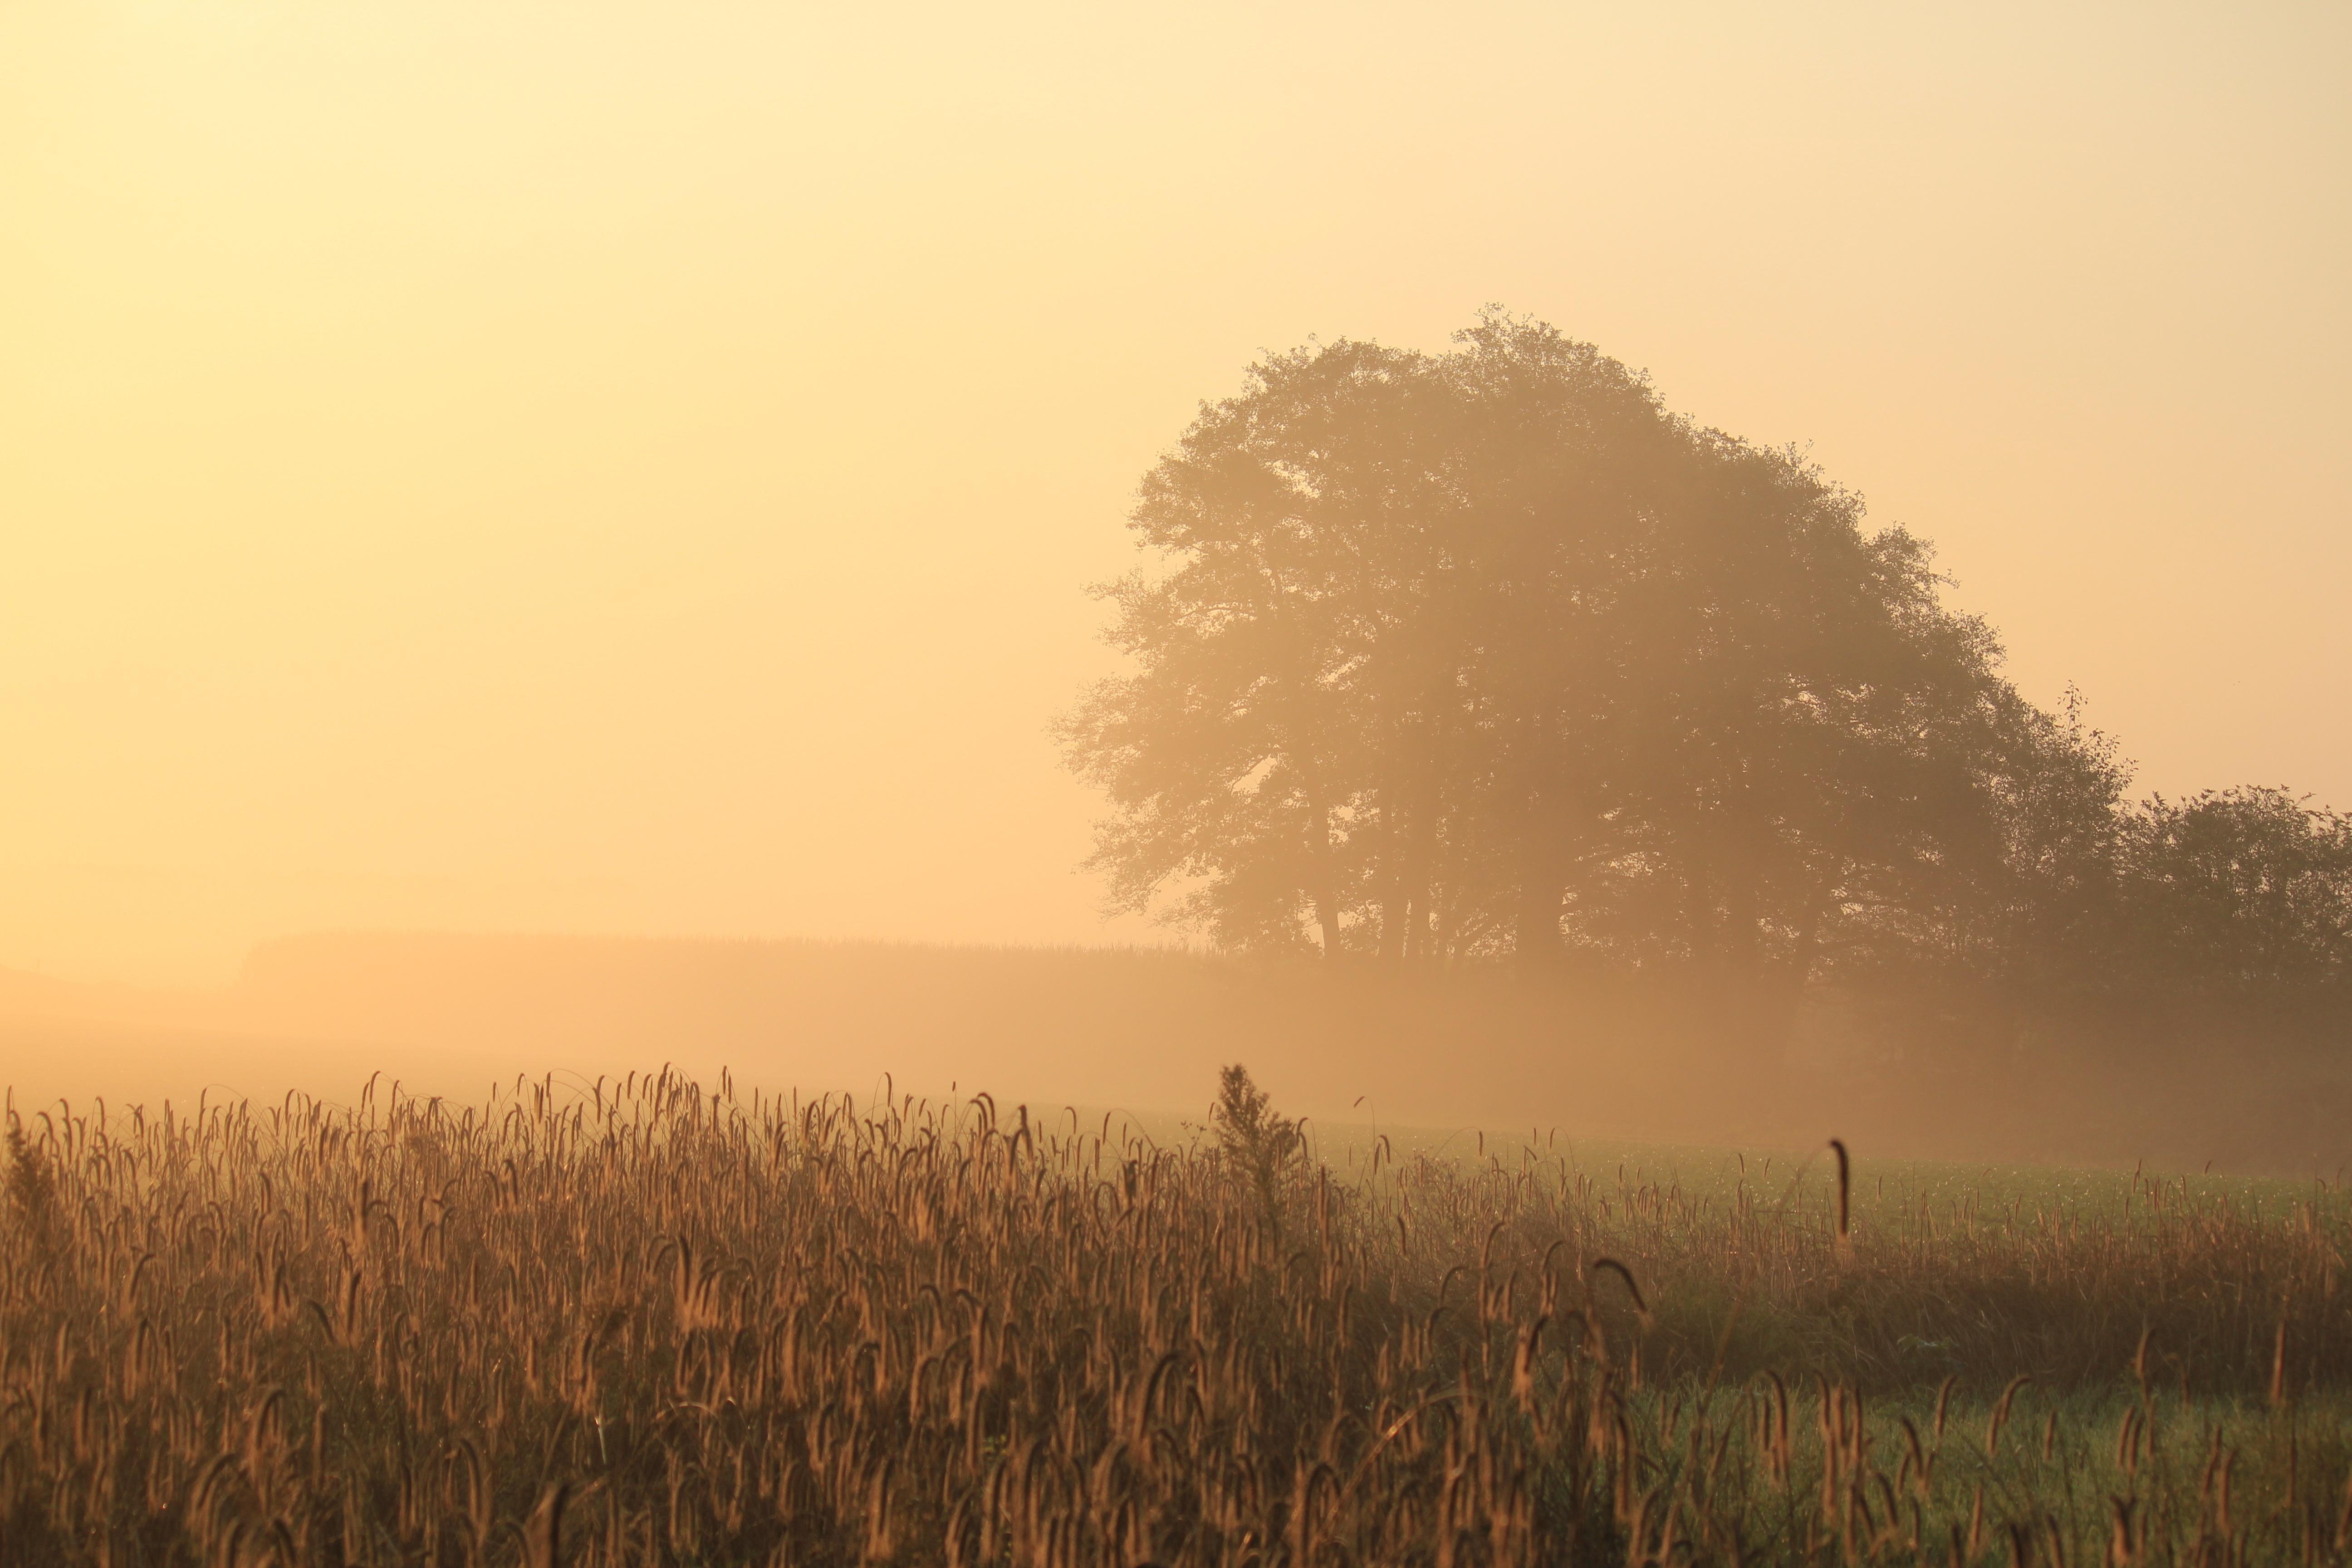 free images   landscape  tree  nature  horizon  dew  cloud